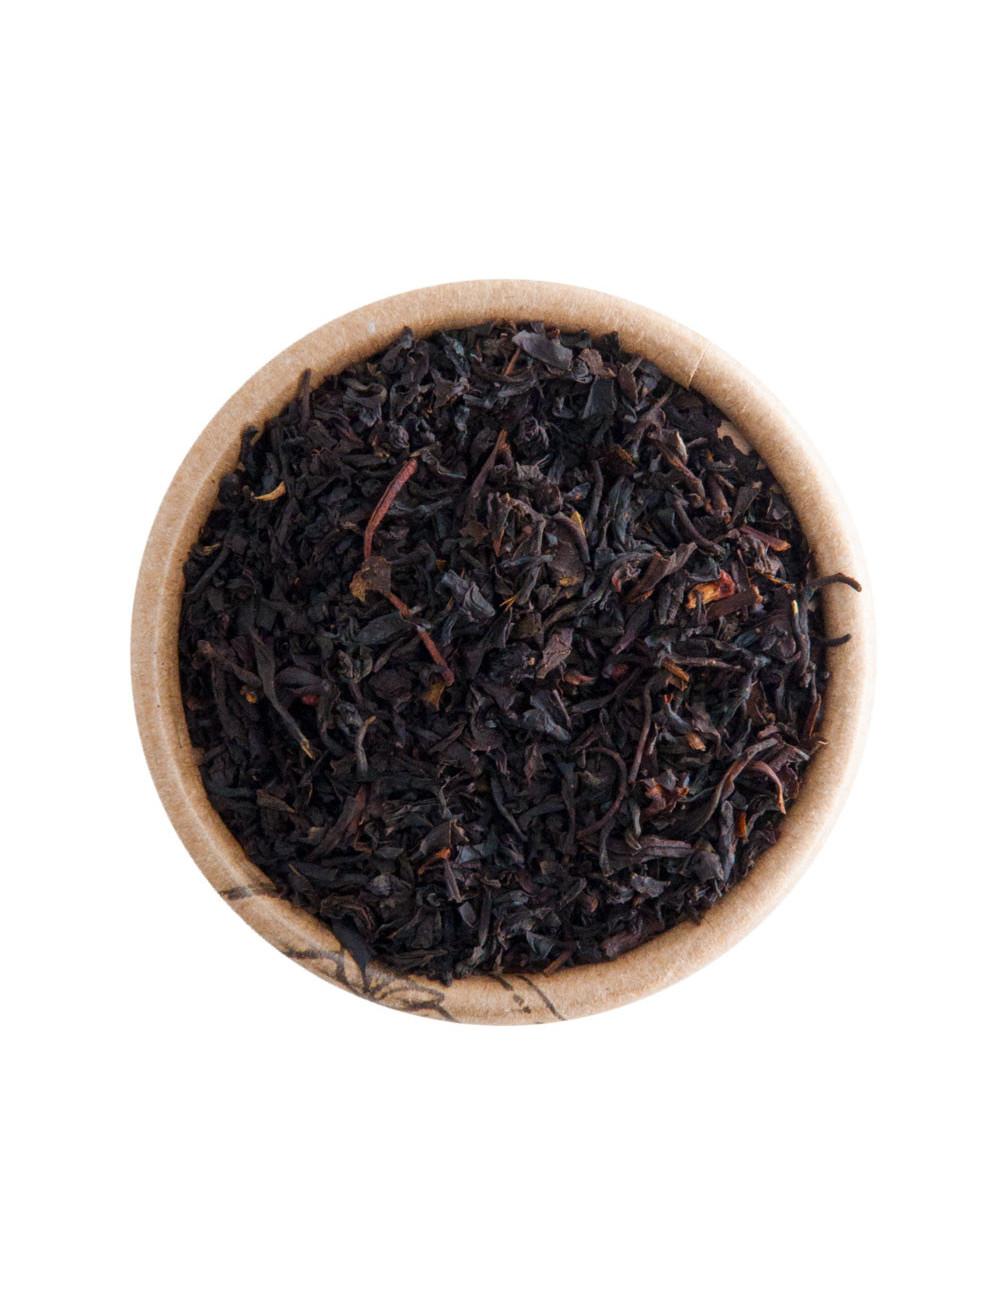 Frutti di Bosco tè nero aromatizzato - La Pianta del Tè shop online